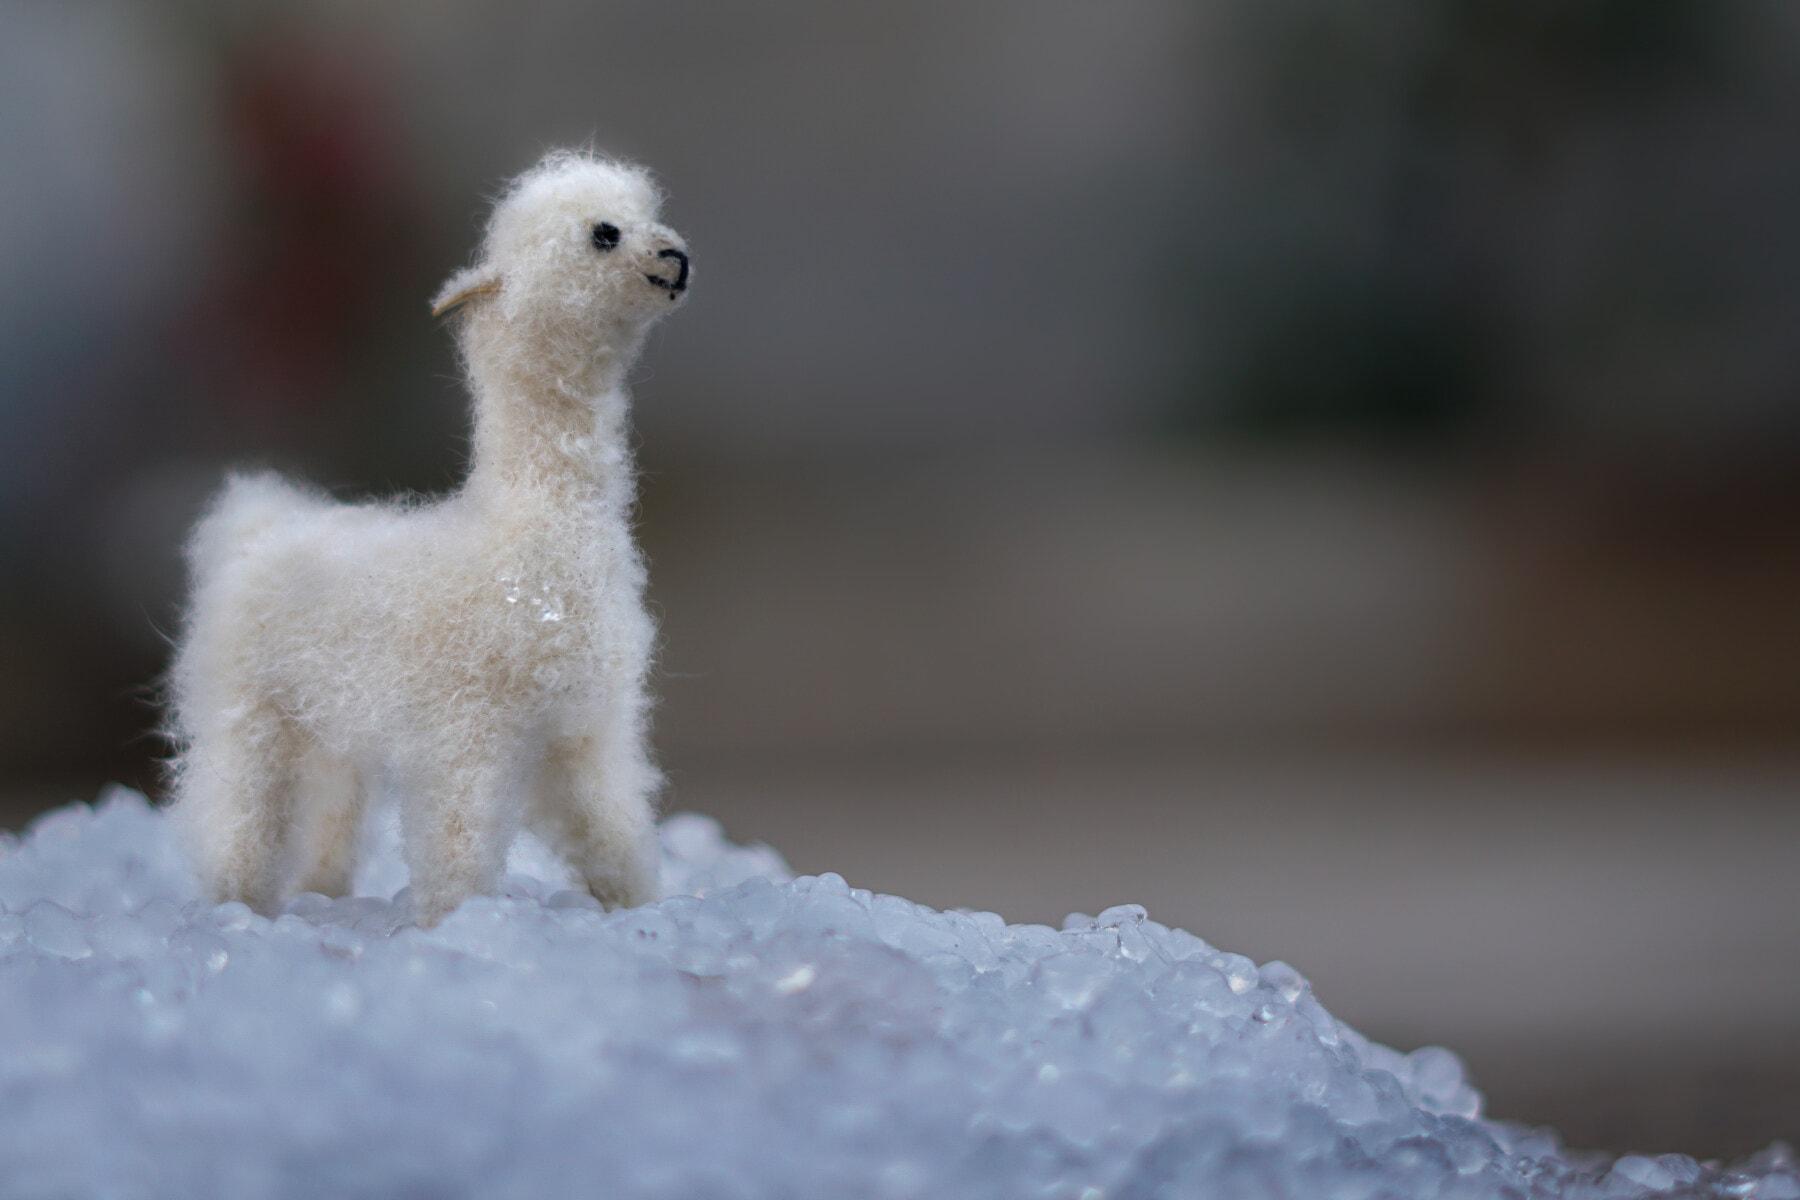 Winter, Spielzeug, Lama, Kälte, Schneeflocken, Eiskristall, Wetter, verwischen, im freien, Natur